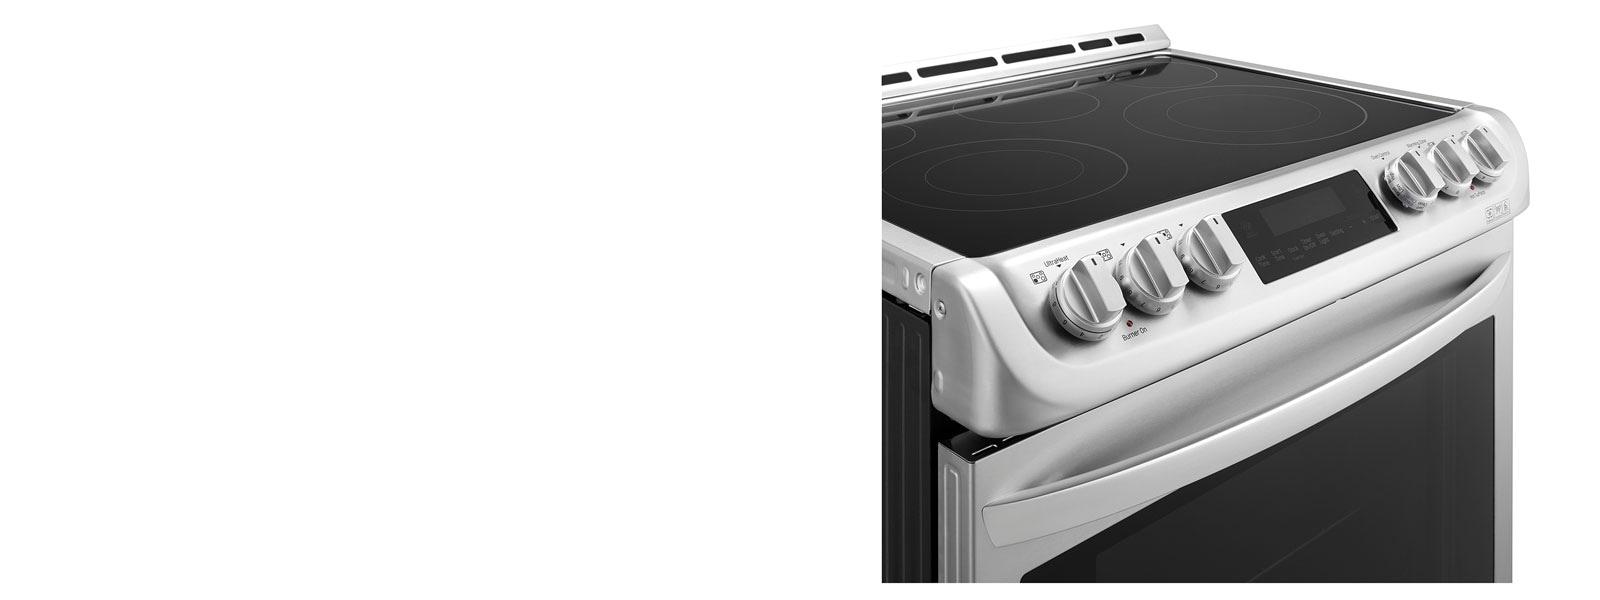 lg cuisini re lectrique encastrable de 178 4 l dot e des. Black Bedroom Furniture Sets. Home Design Ideas